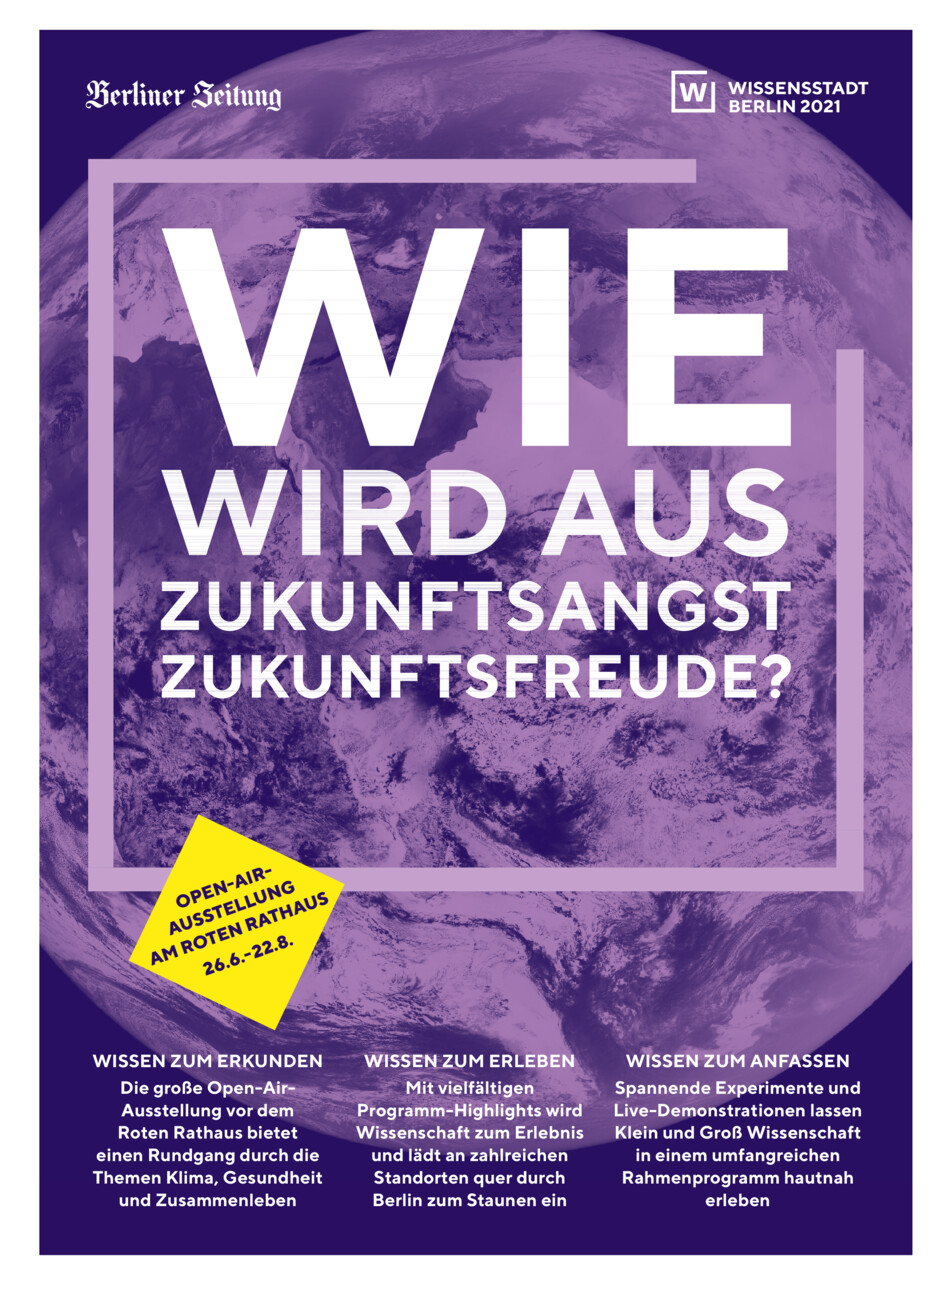 Wissensstadt vom Freitag, 25.06.2021